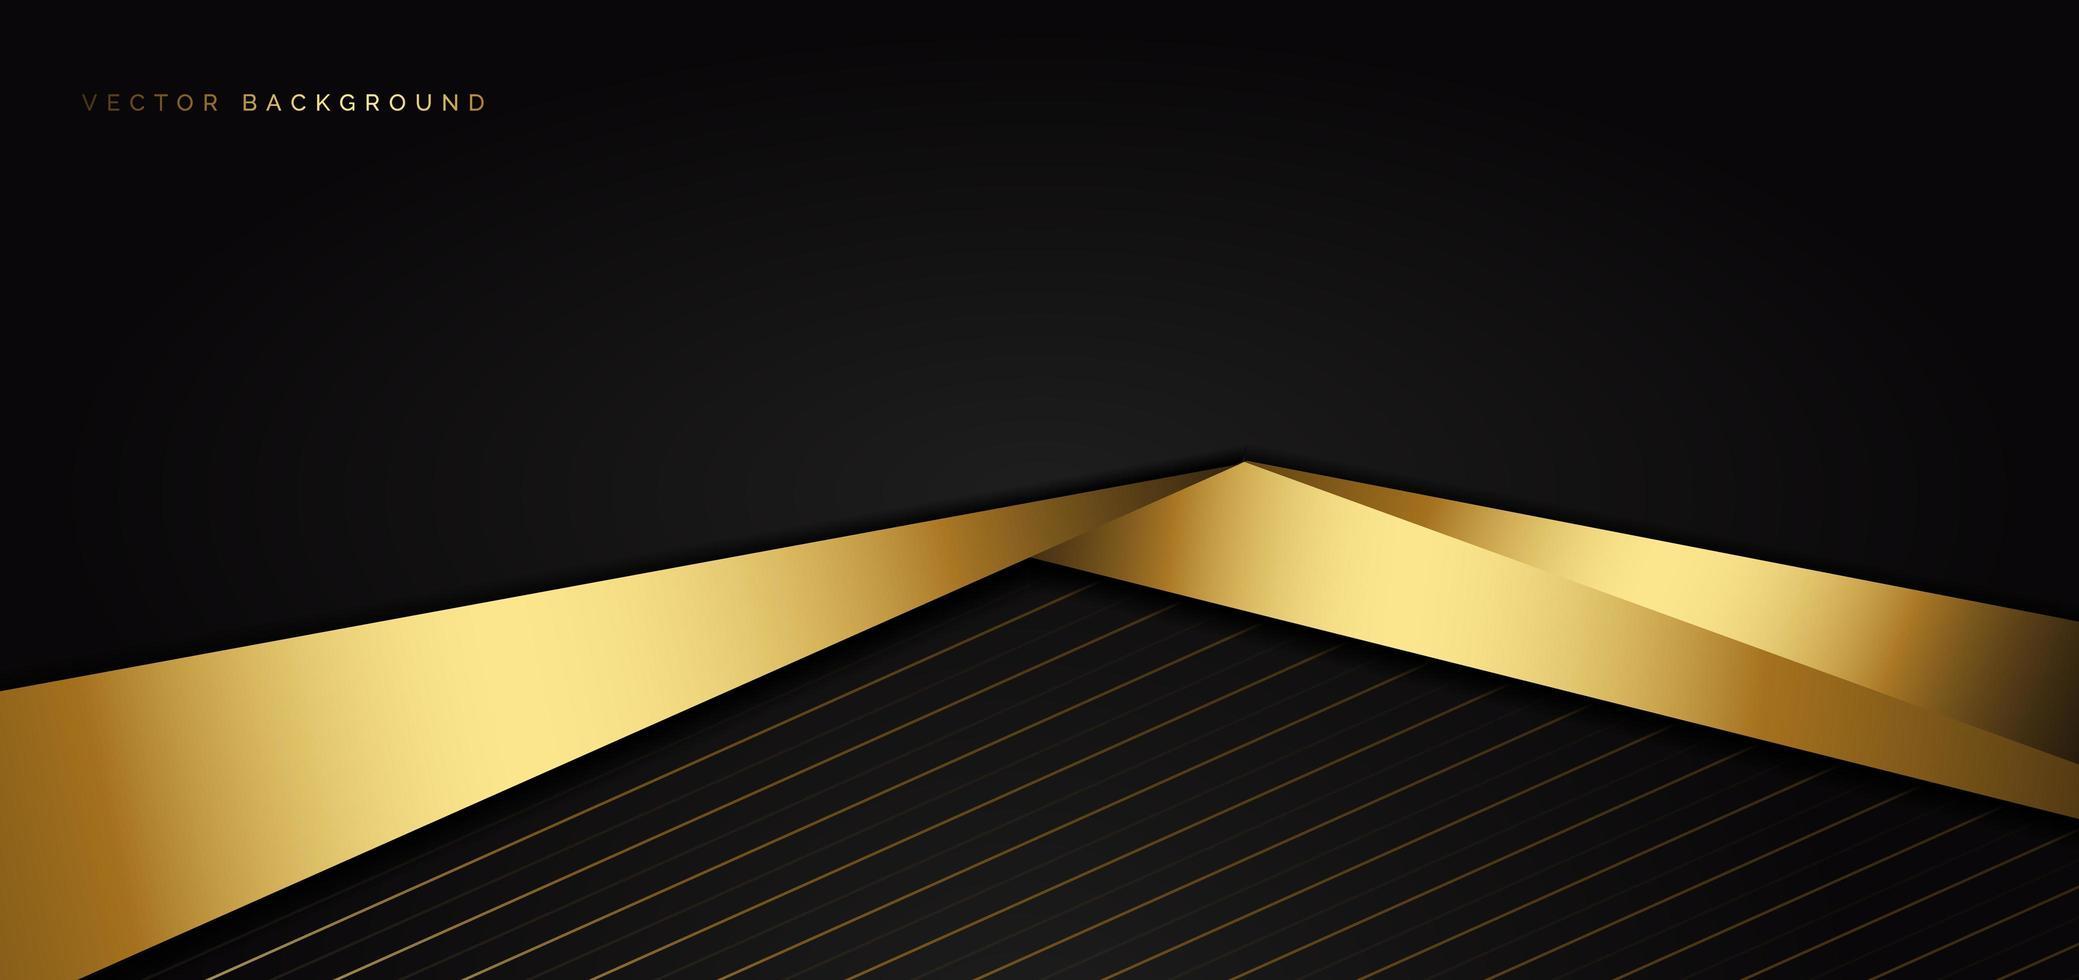 abstrakt mall med svart triangelbakgrund vektor